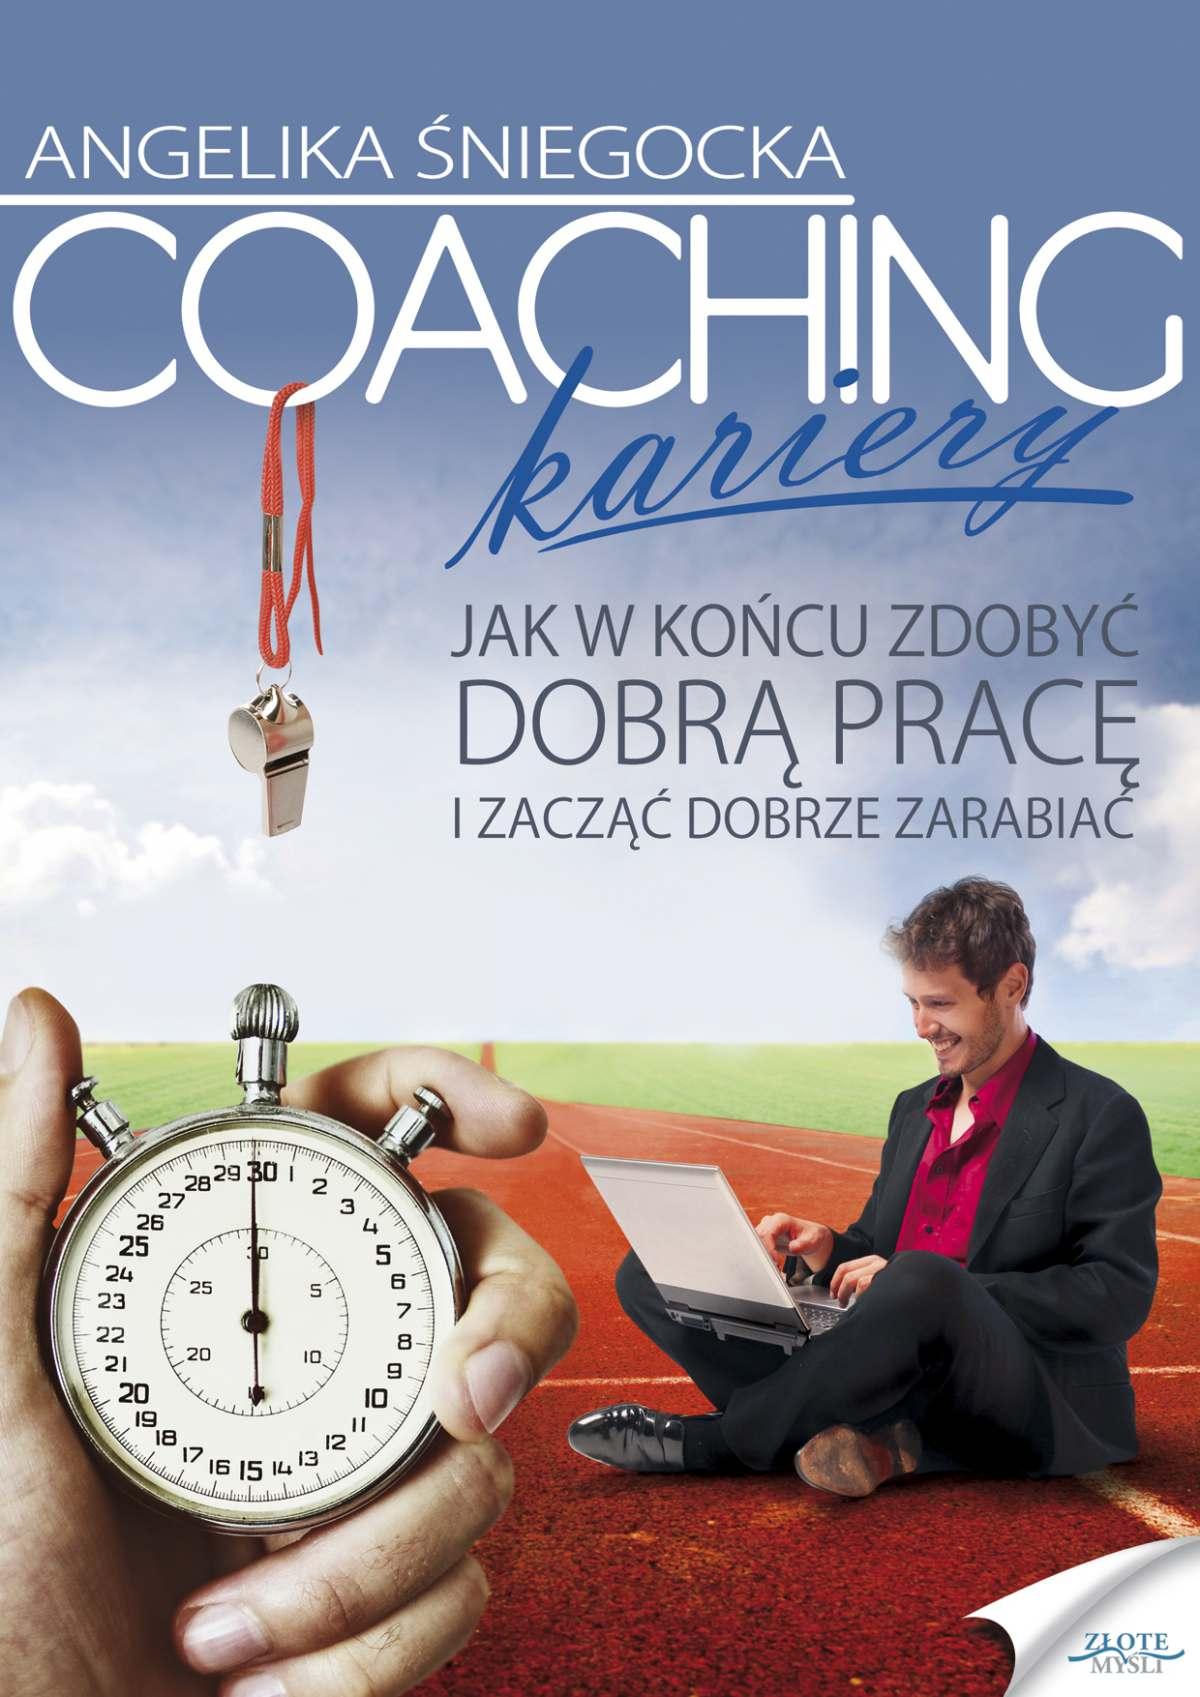 Coaching kariery - Ebook (Książka PDF) do pobrania w formacie PDF